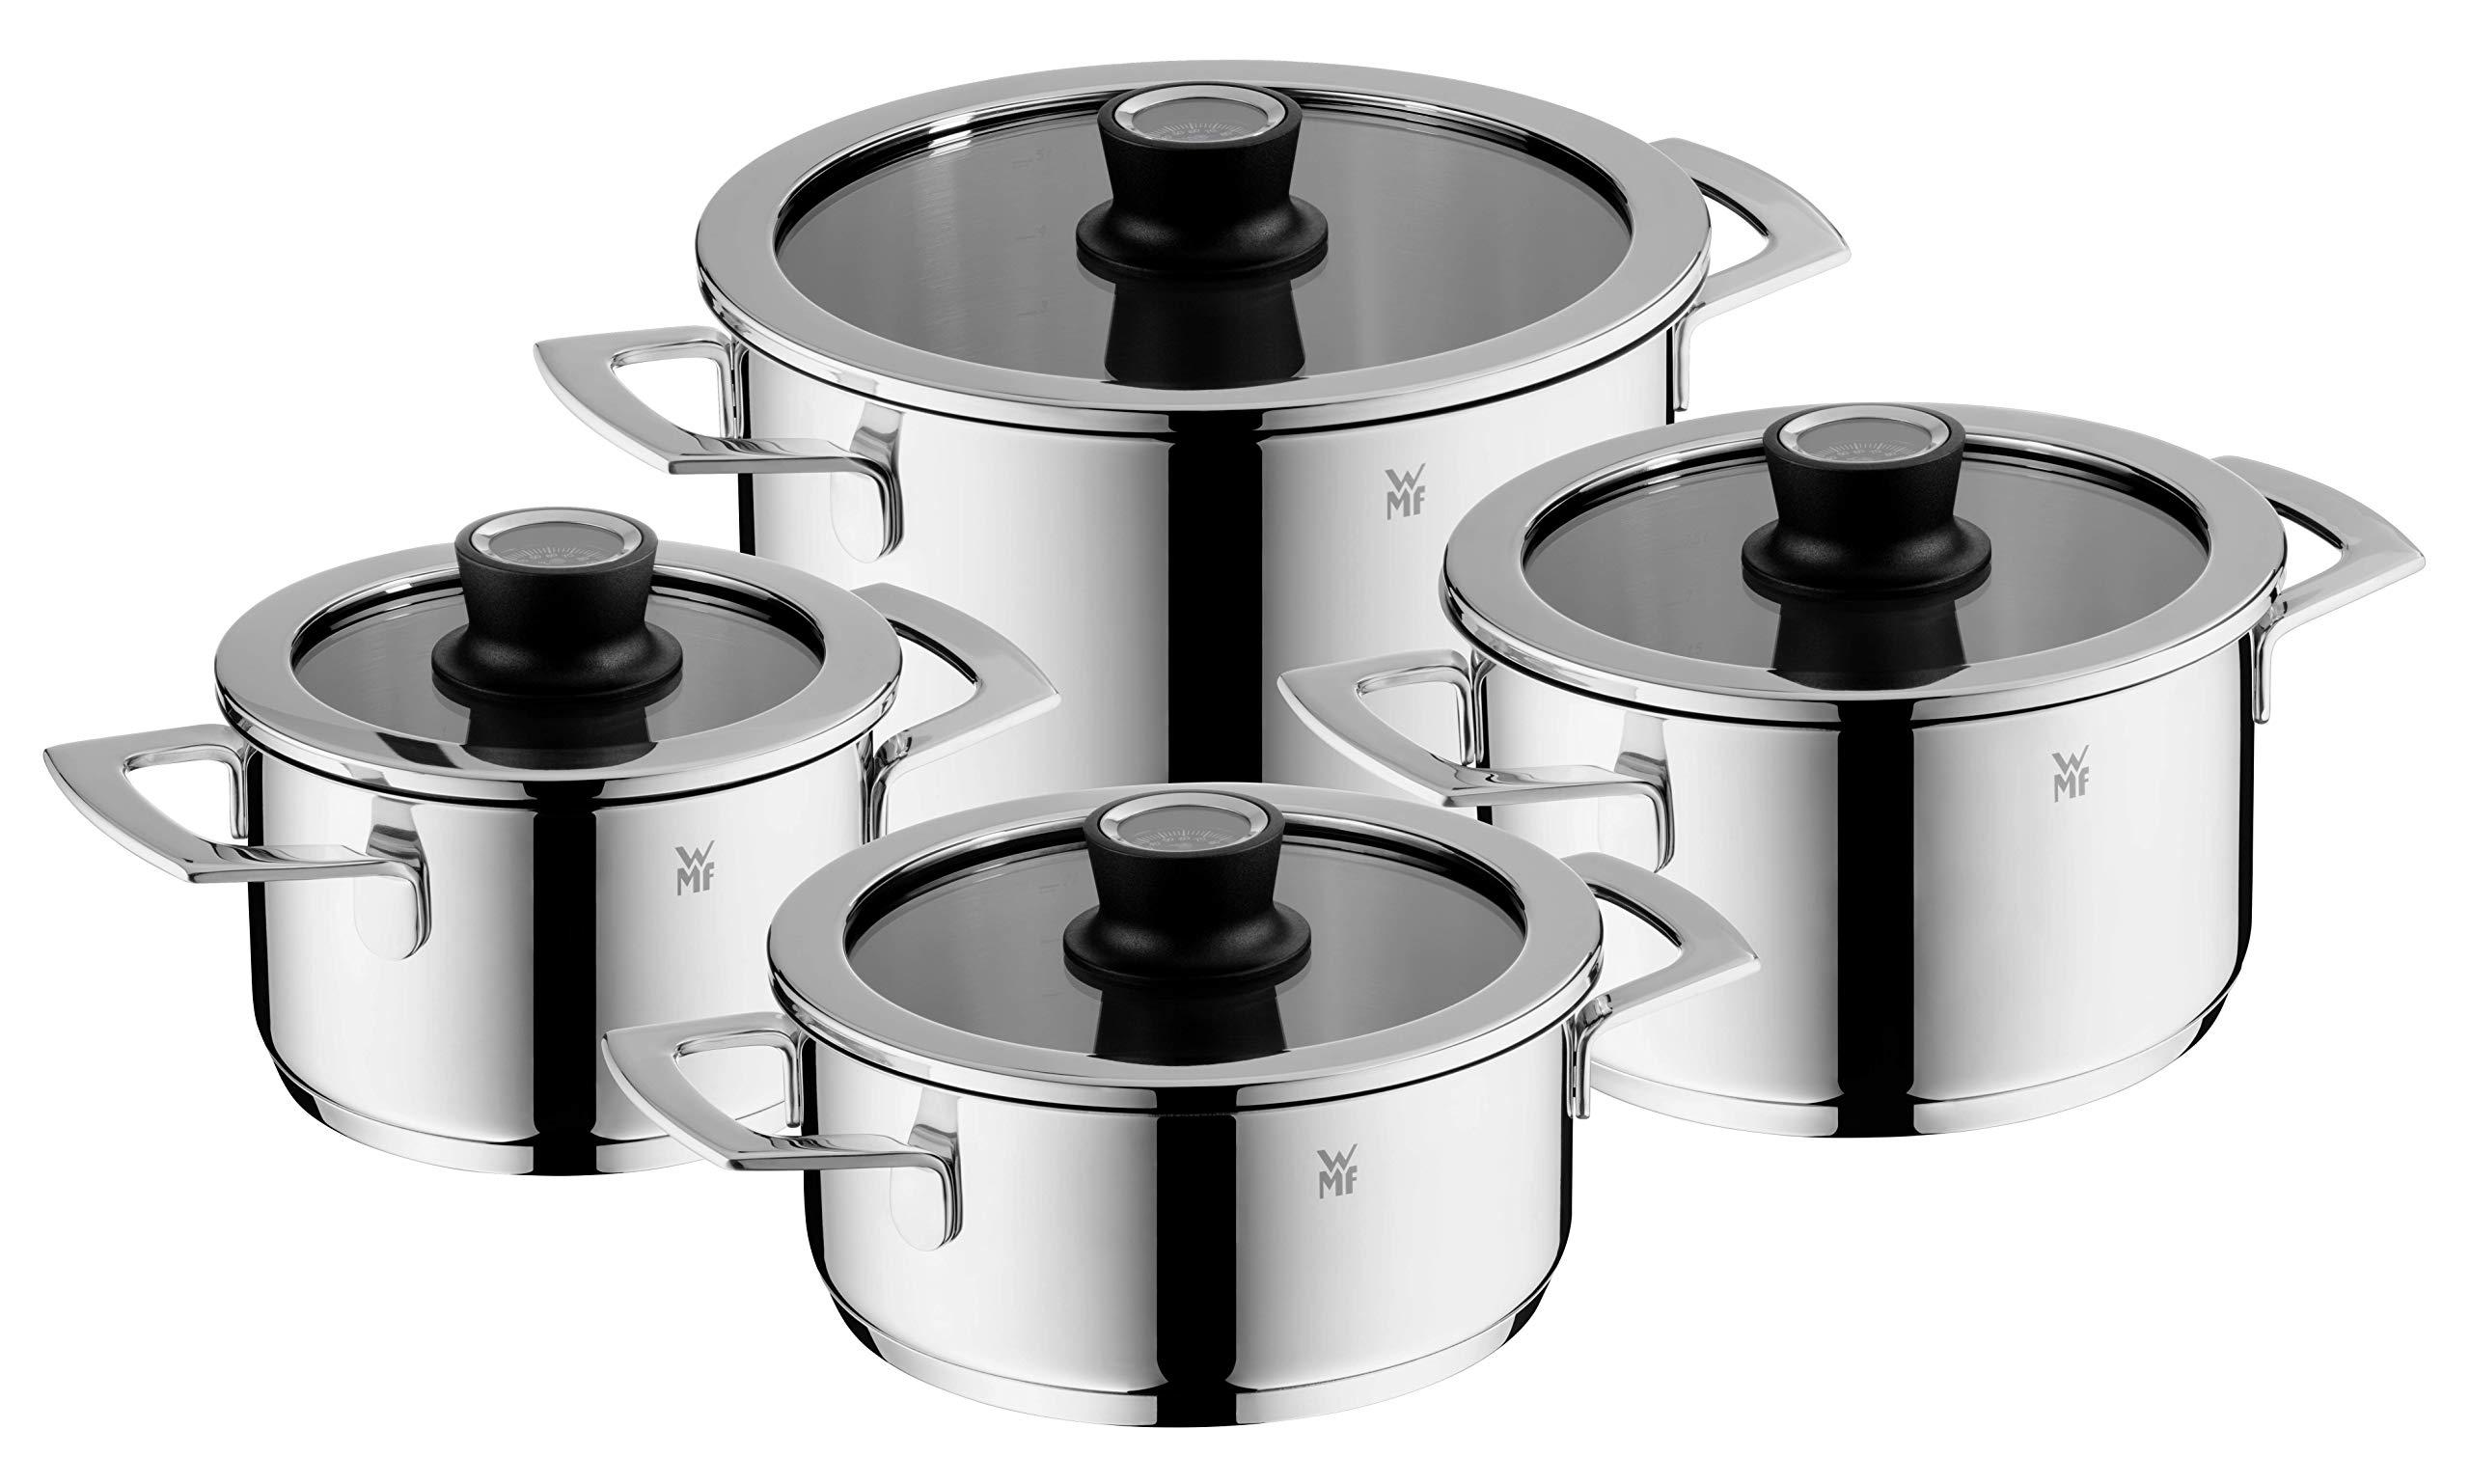 Cacerola Aluminio Cazuela Stock Set Pot Tapa Utensilios de Cocina Cocina Cocina Pan